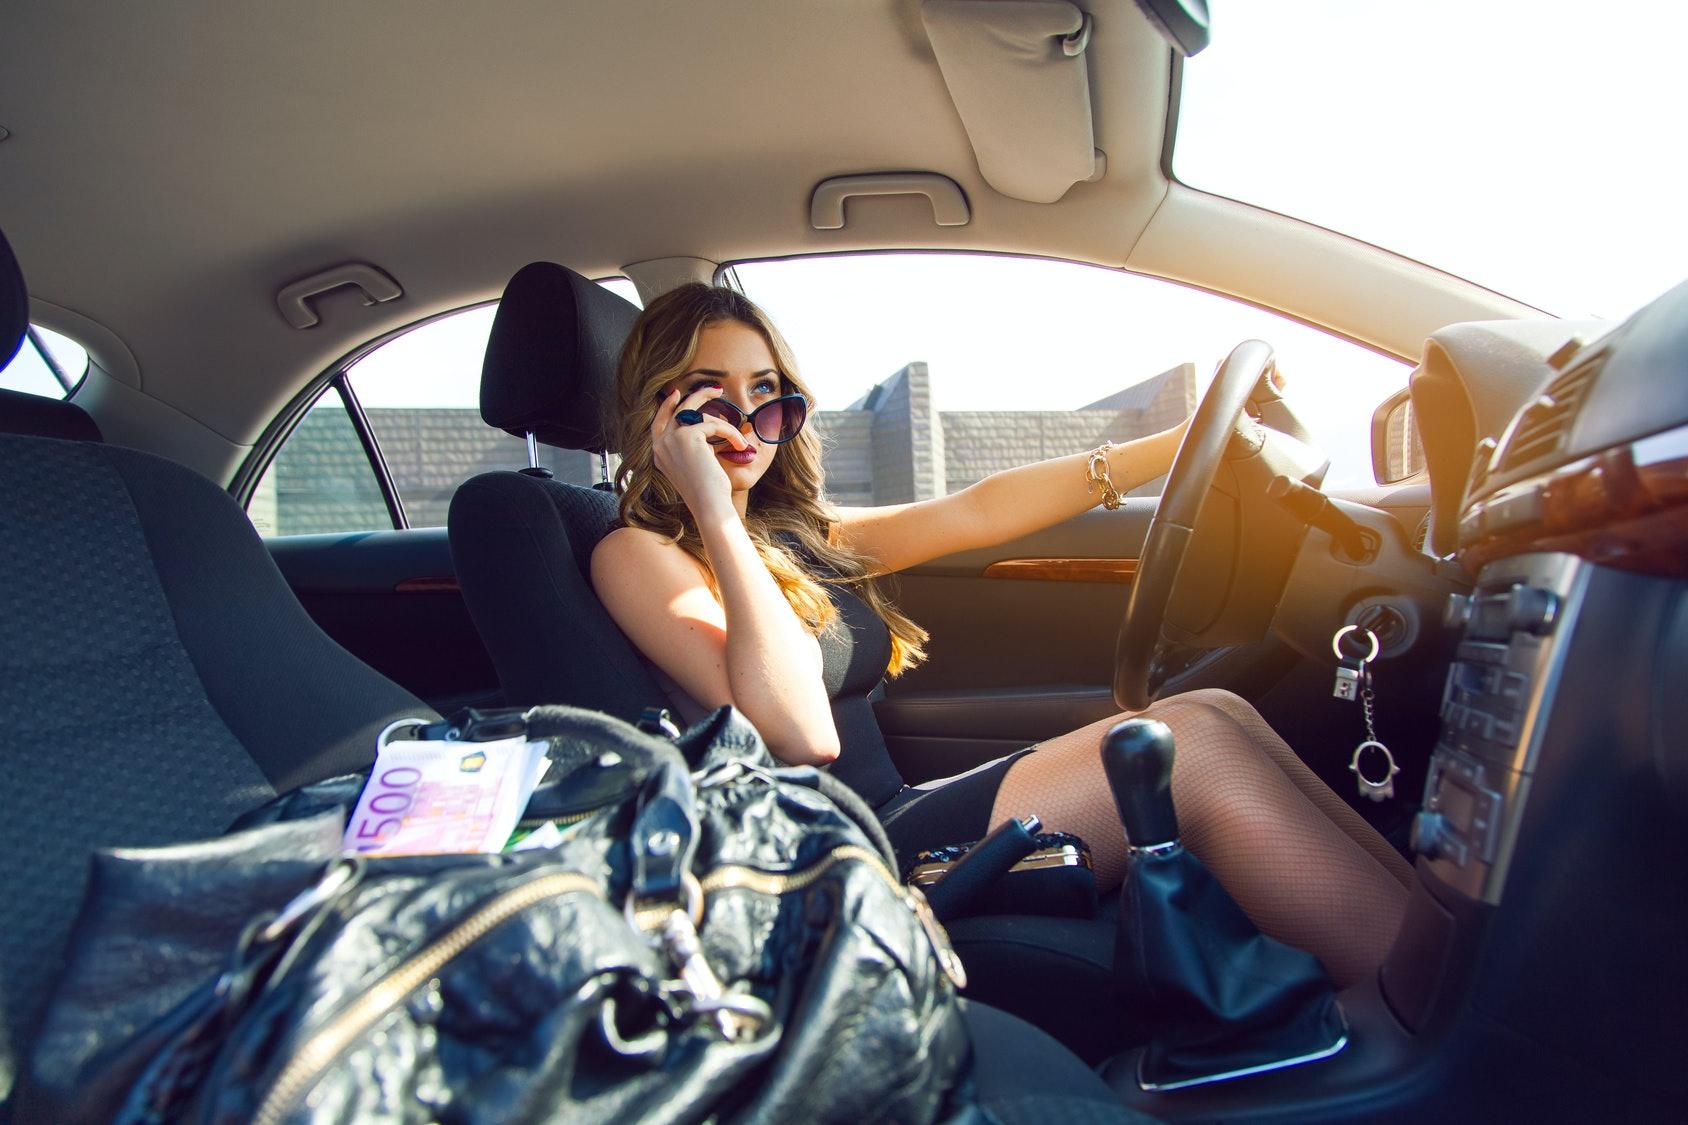 Do girls masturbate while driving